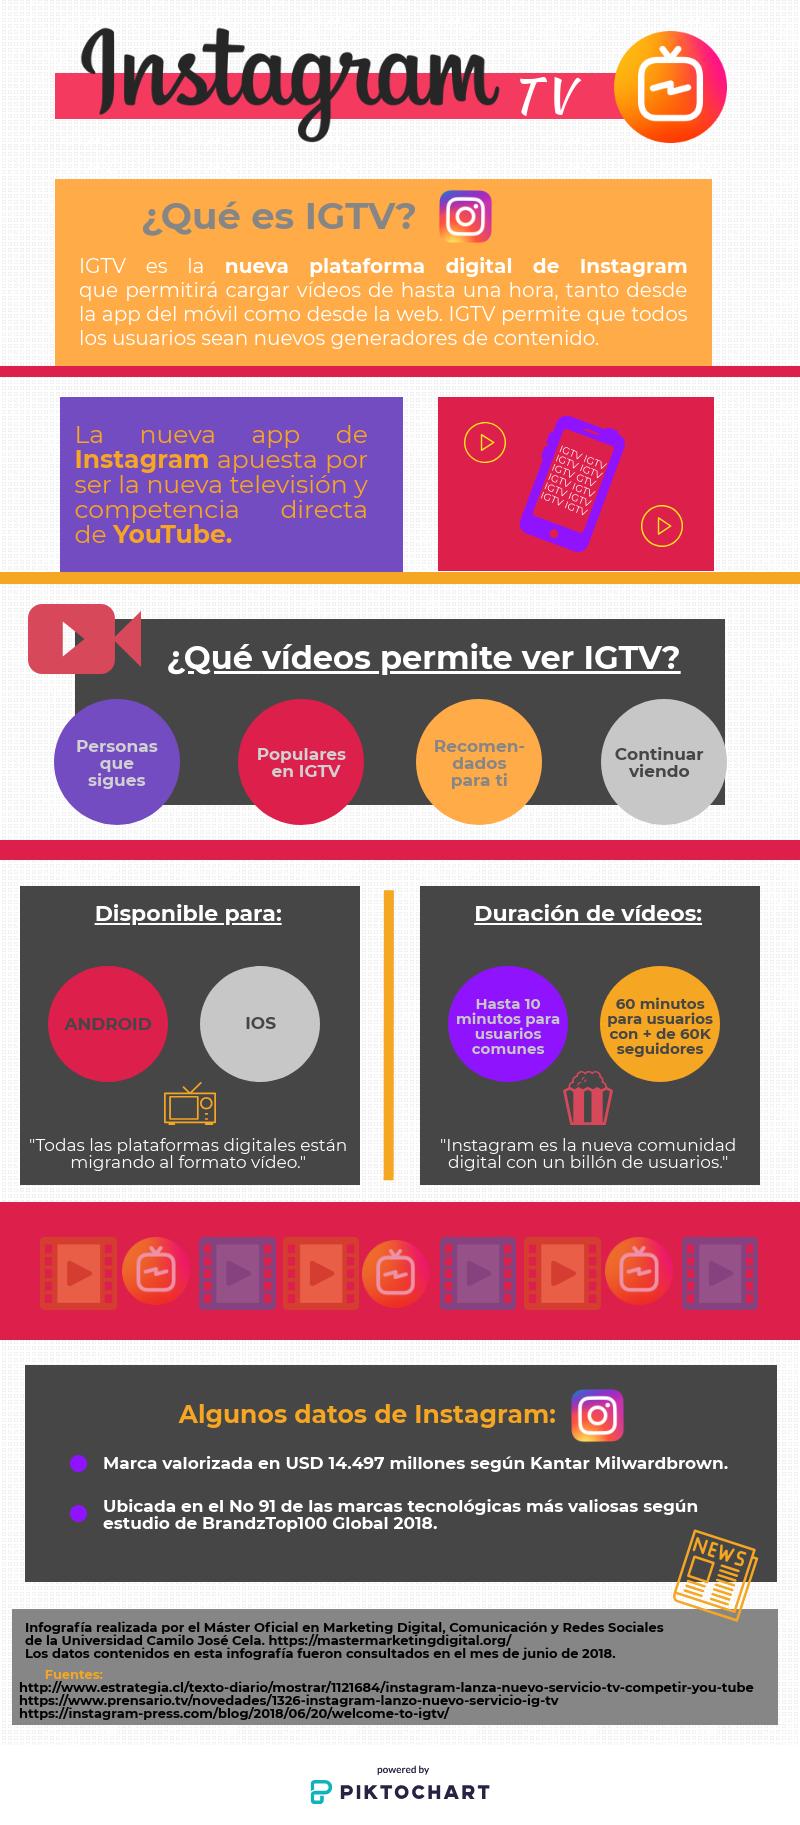 IGTV aplicación digital